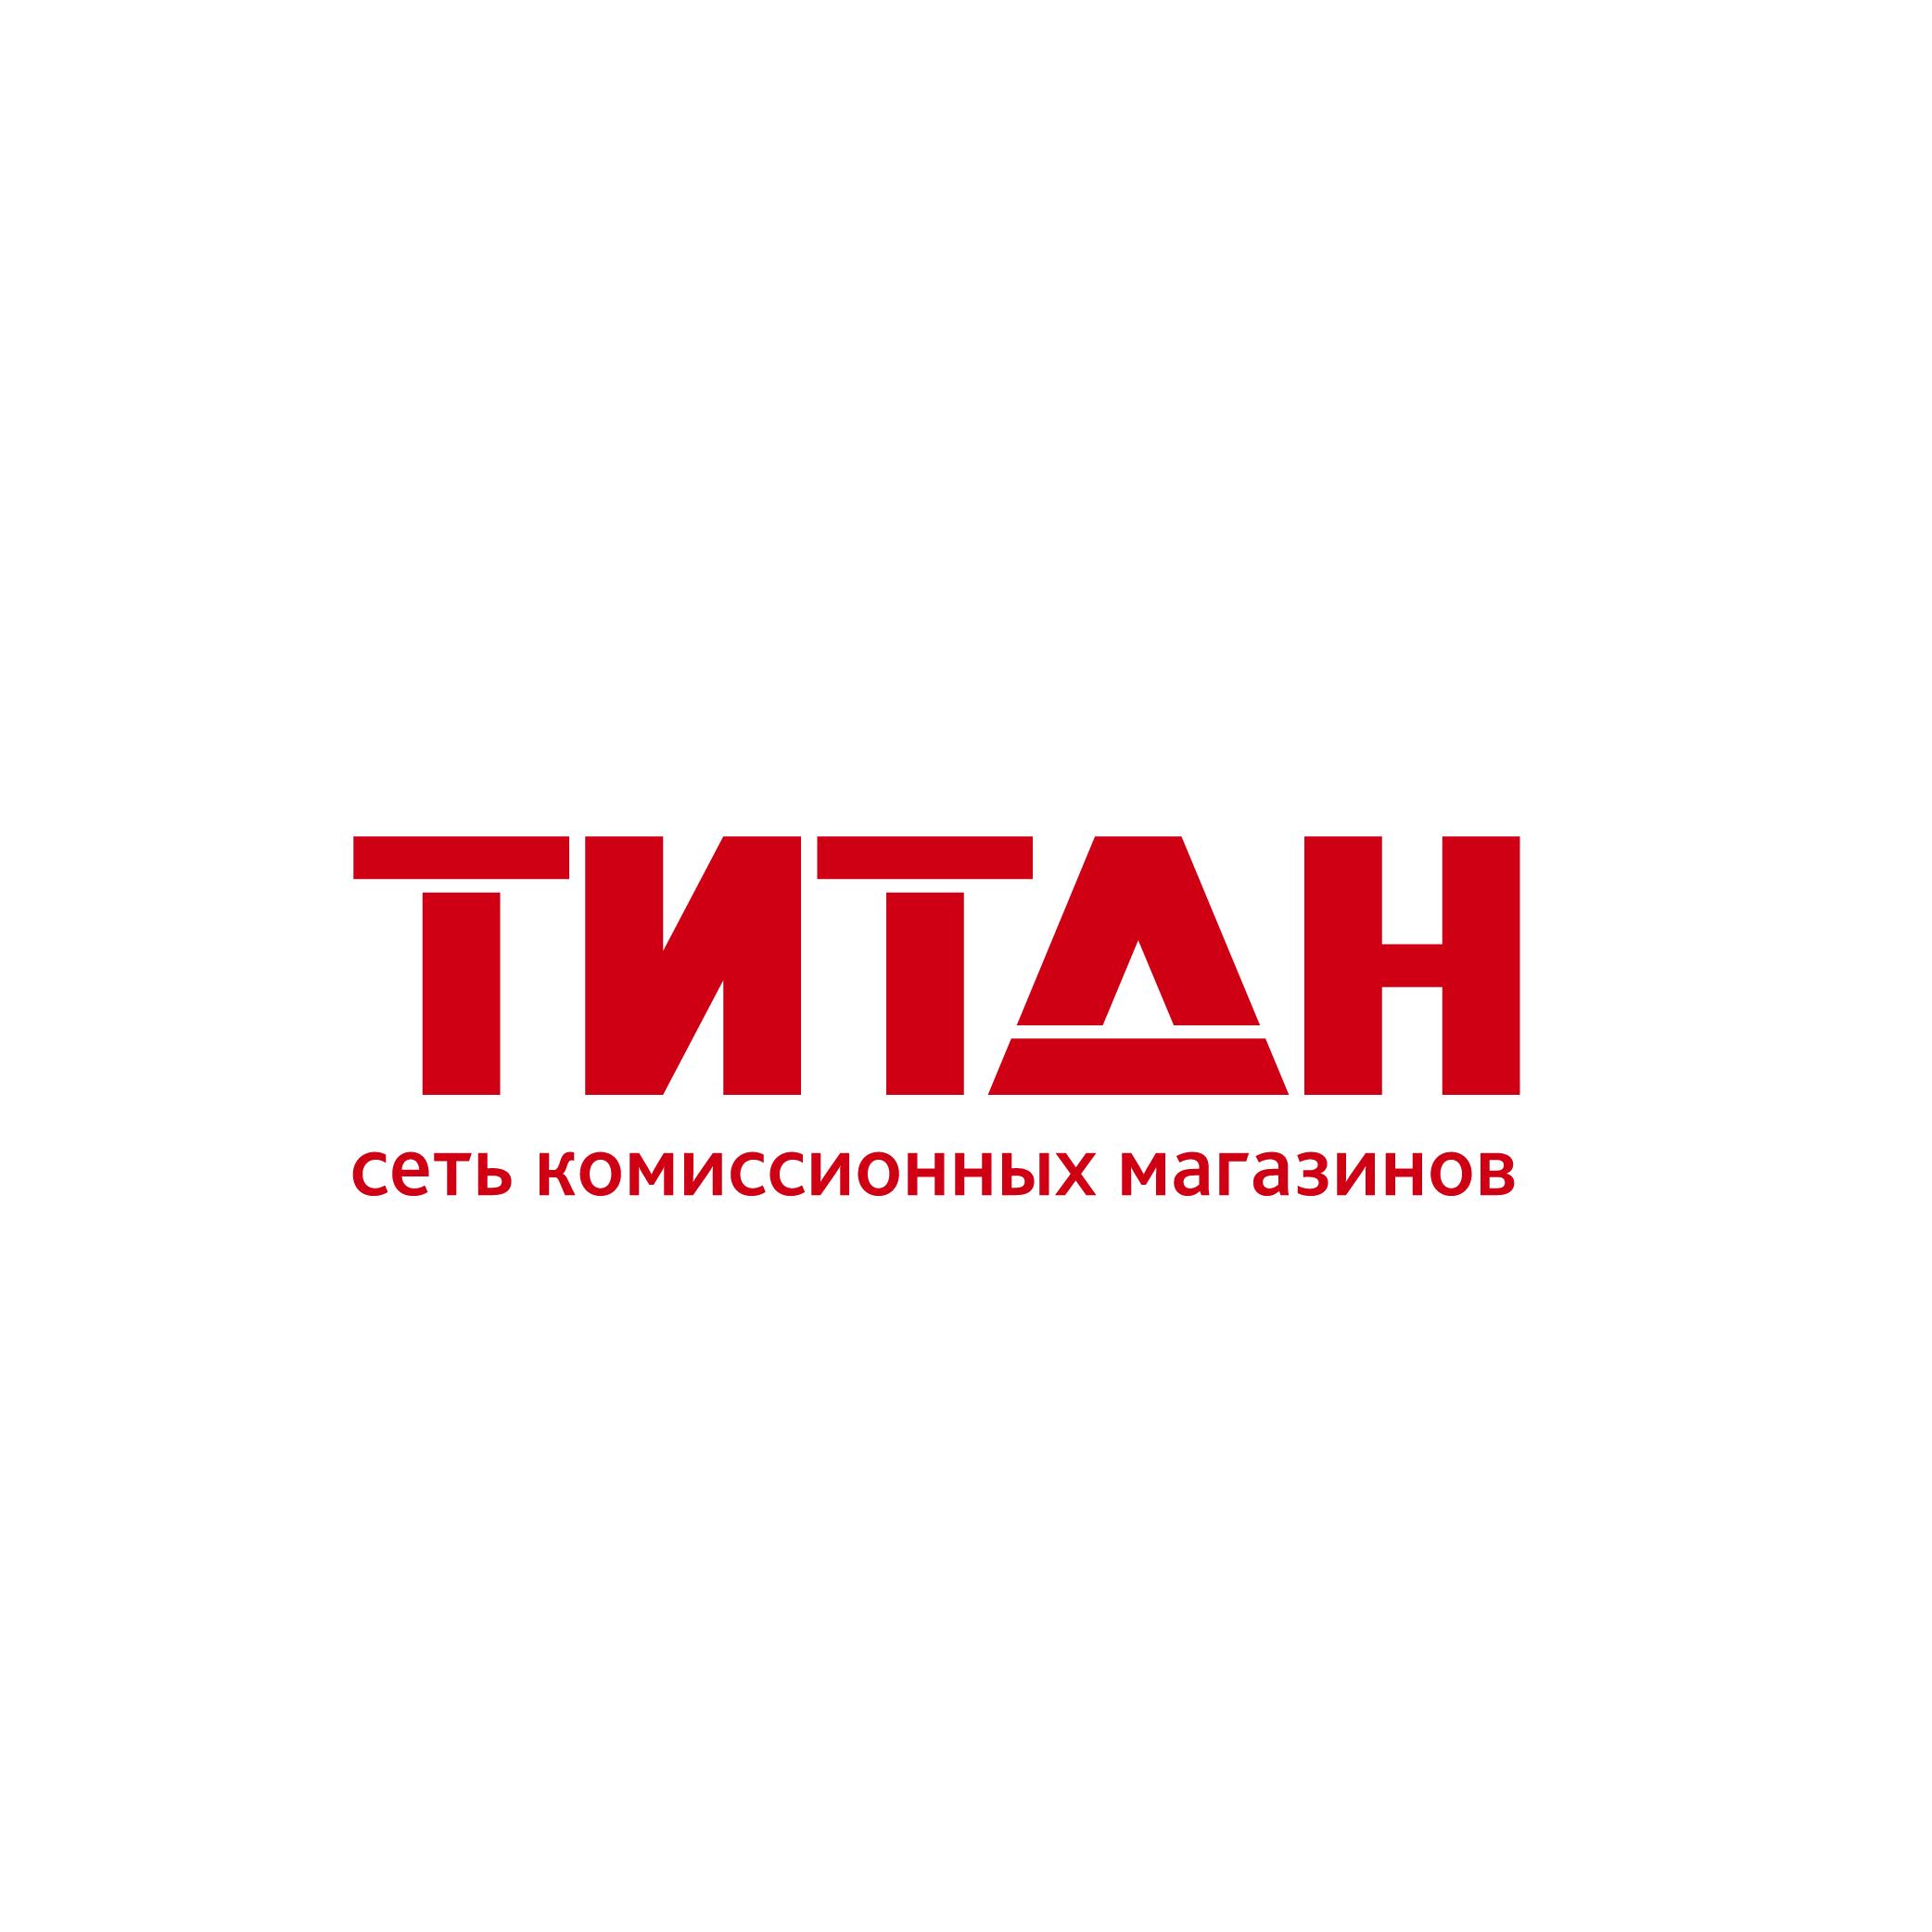 Разработка логотипа (срочно) фото f_2145d4997a73b83e.png